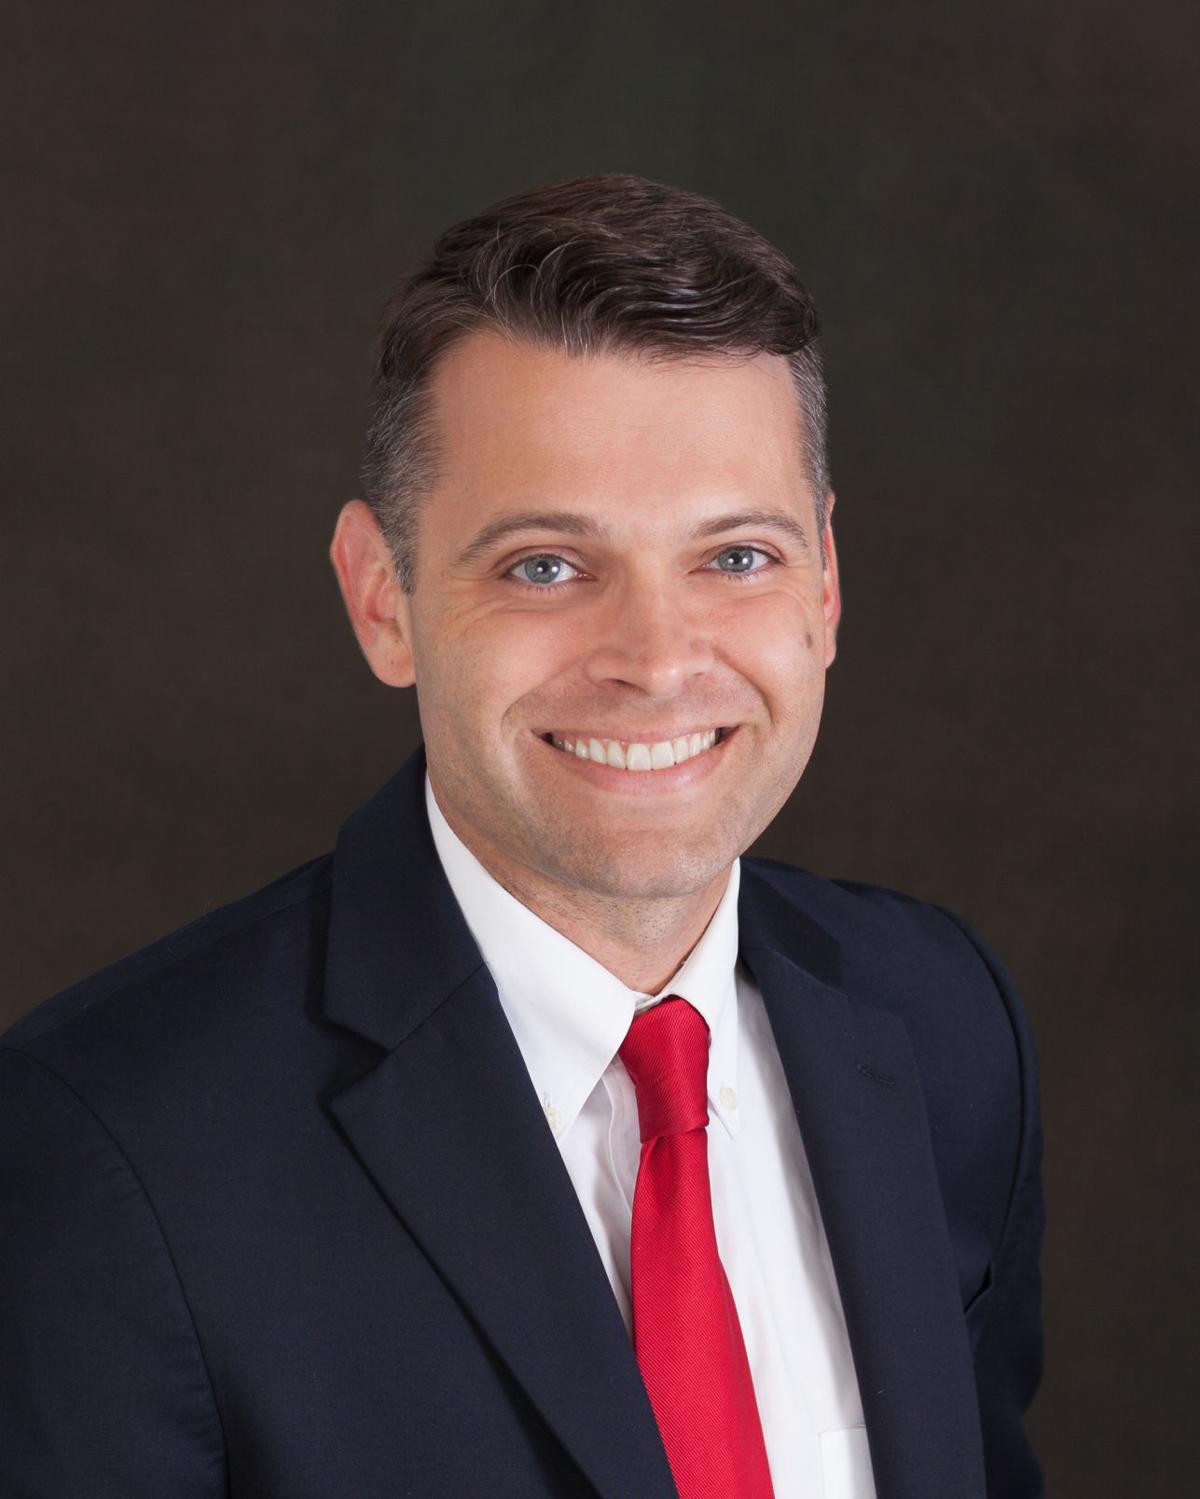 Steven Bost, Jackson County Board member